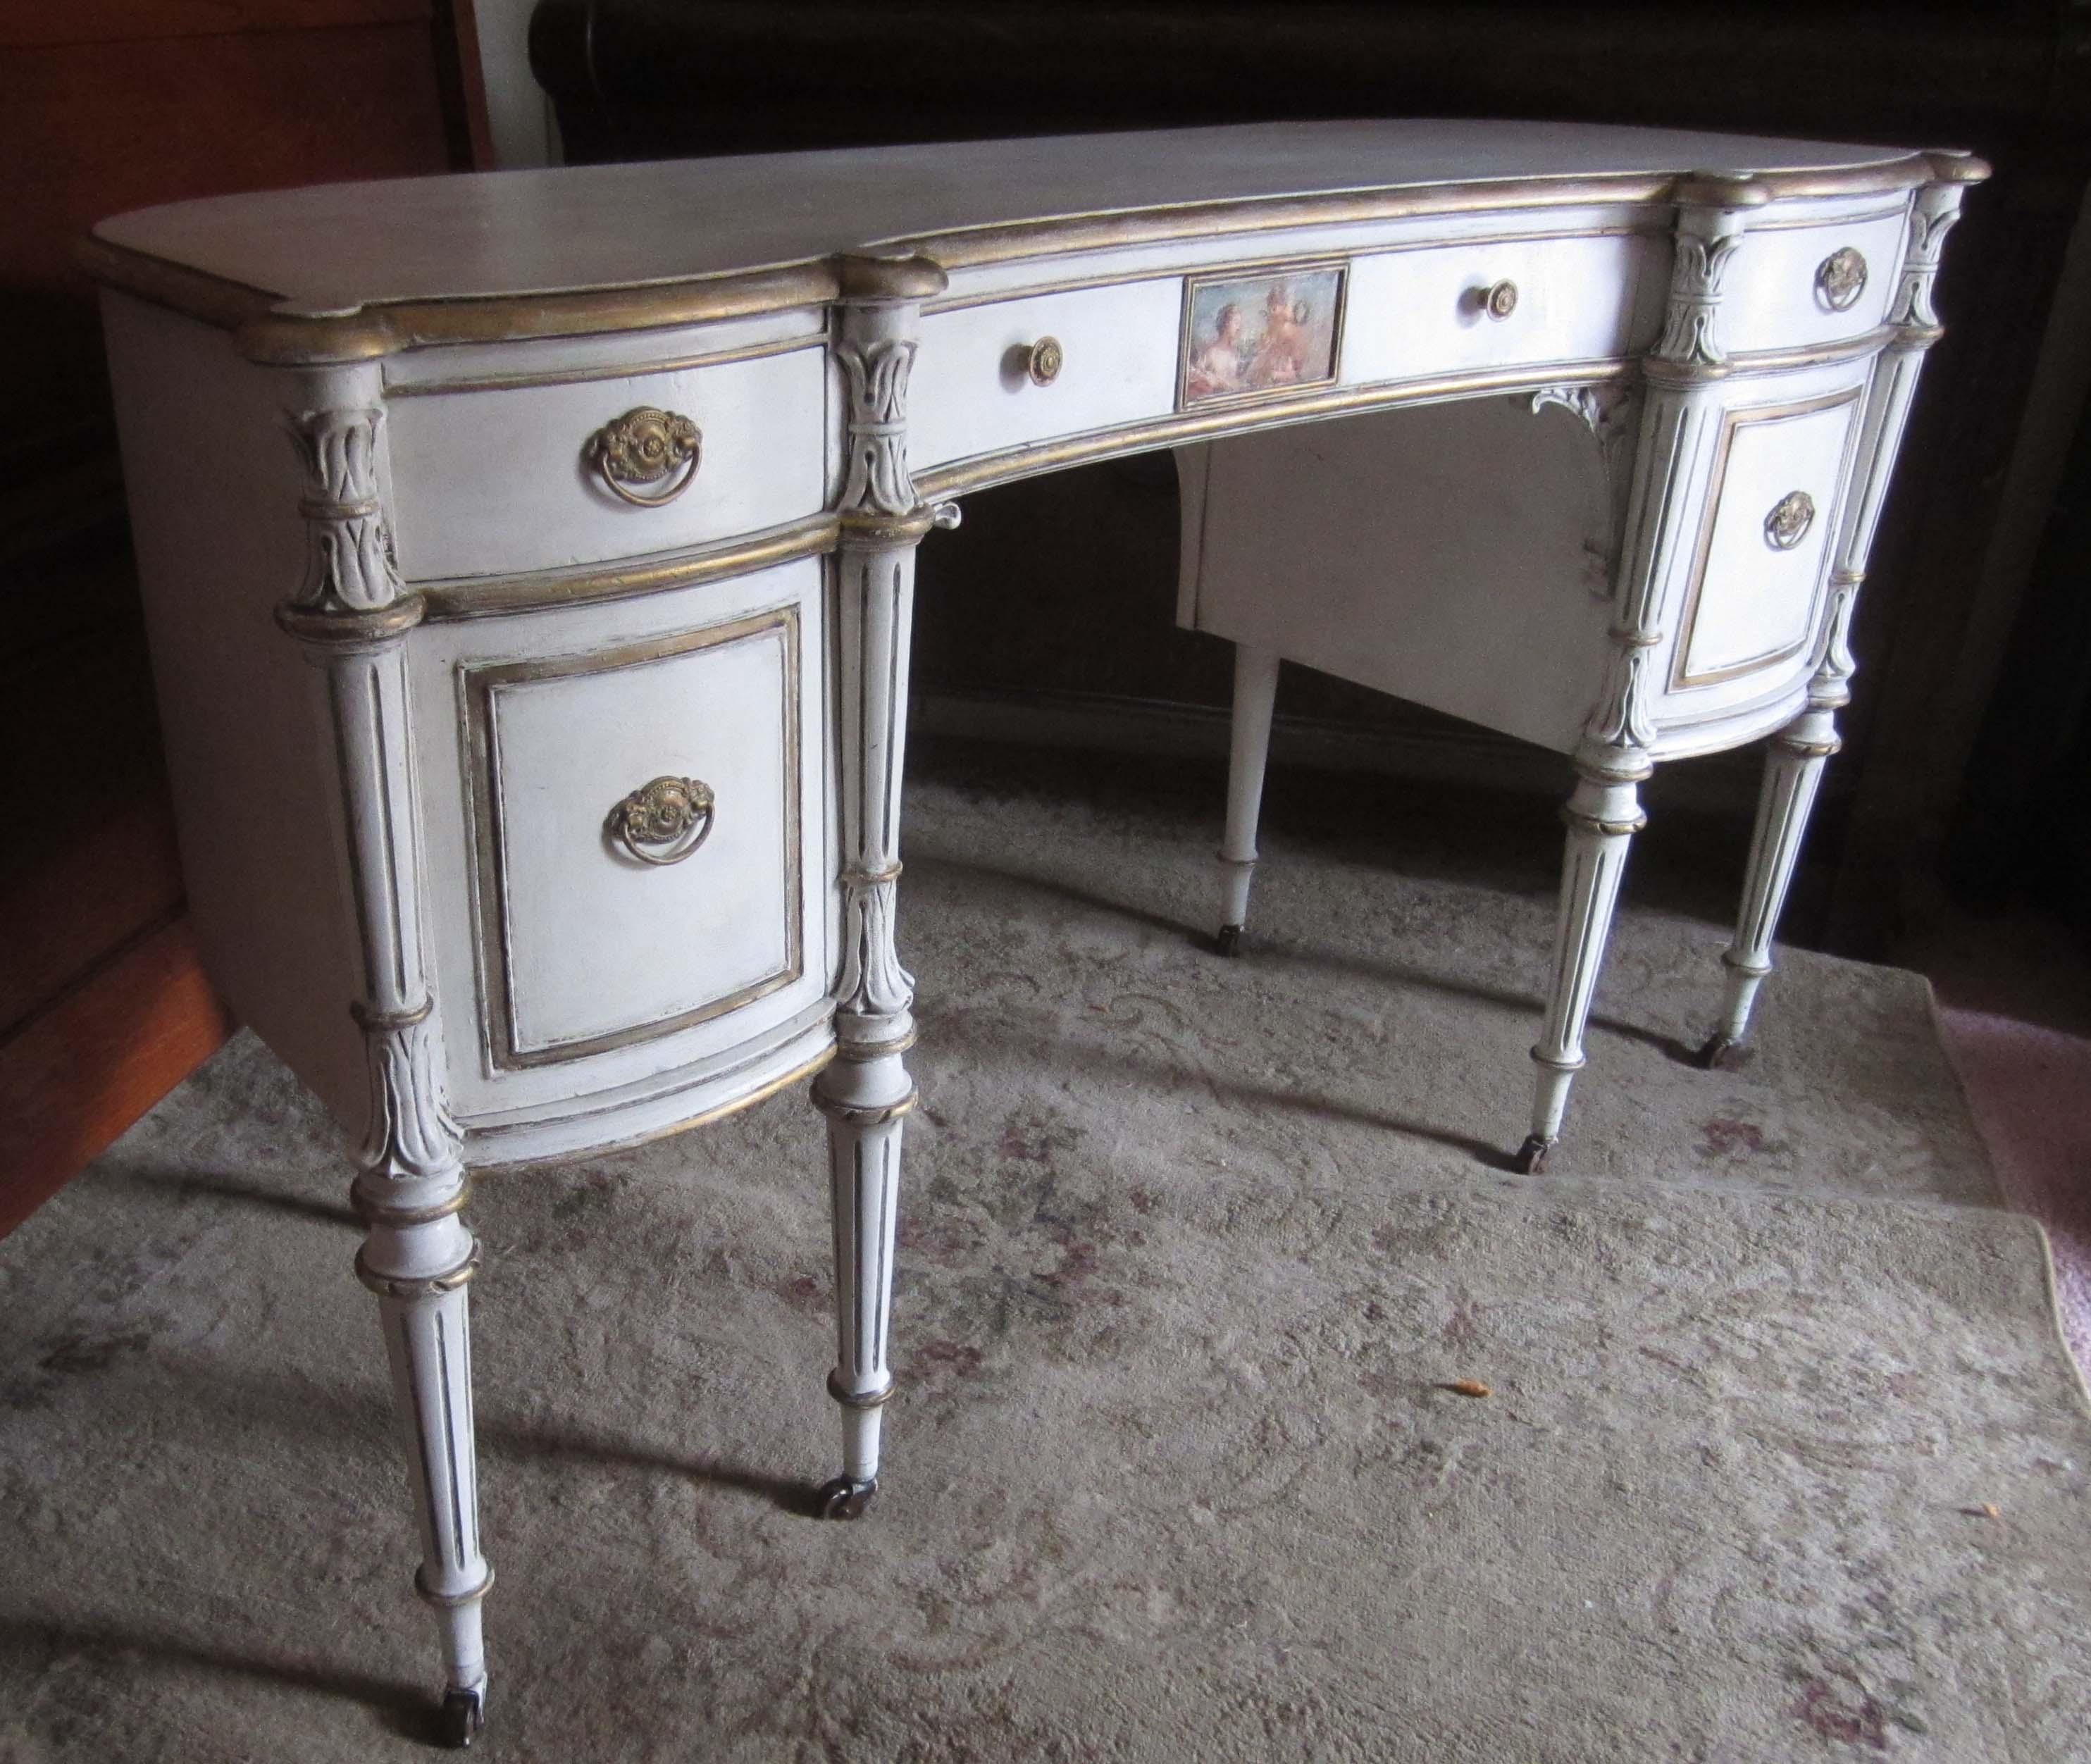 Beau PAINTIQUE.com Painted Antique Furniture